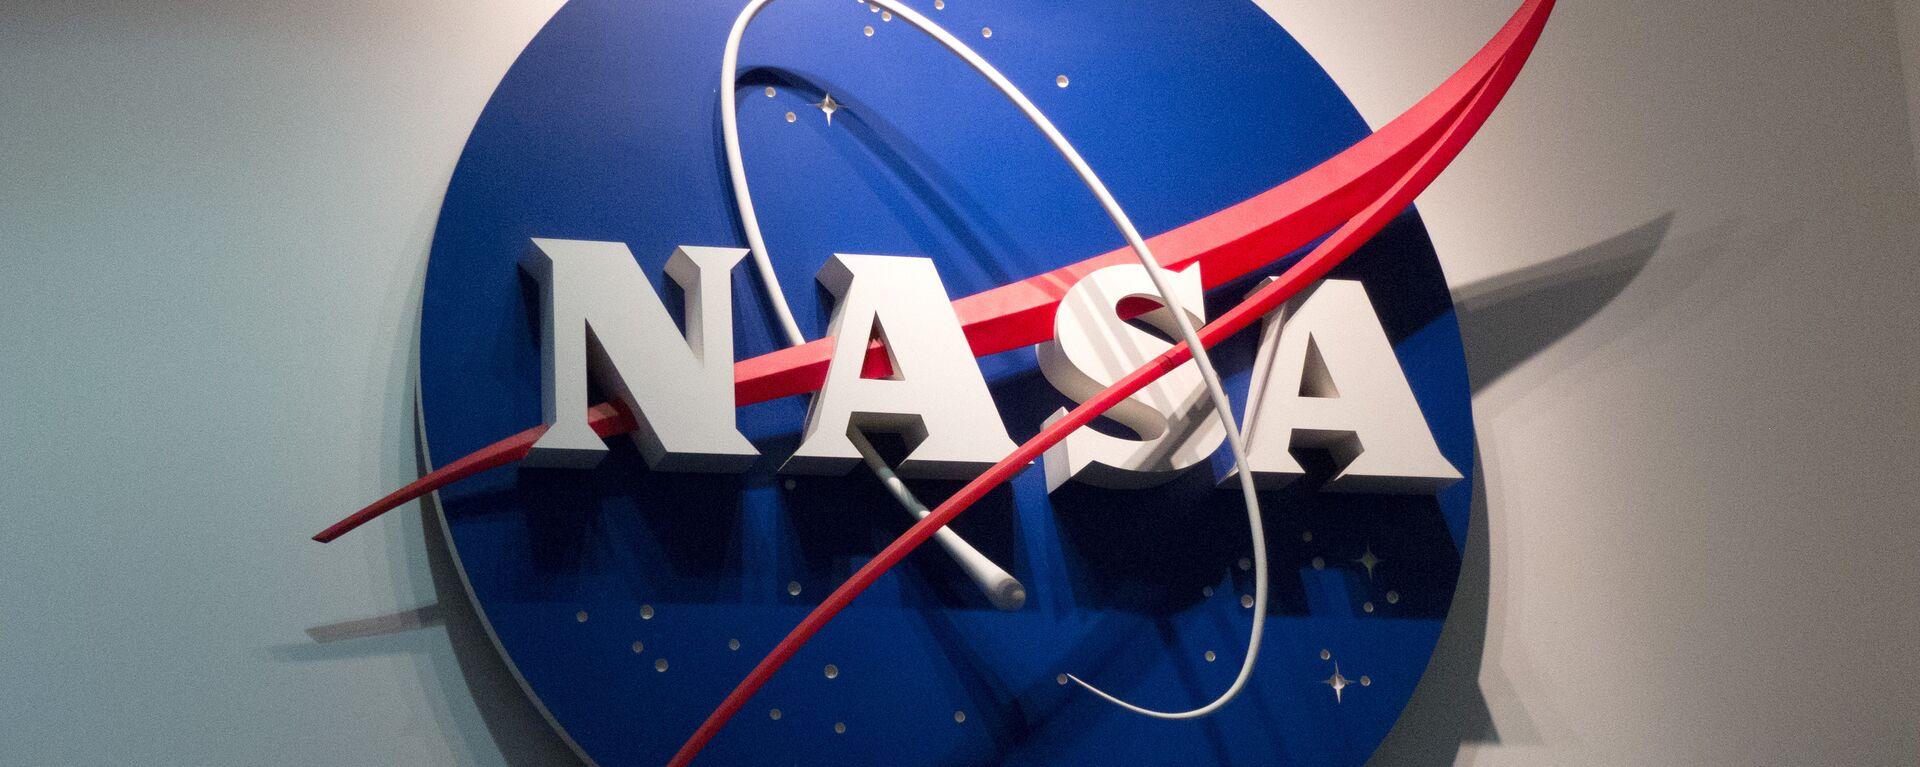 El logo de NASA - Sputnik Mundo, 1920, 25.08.2021